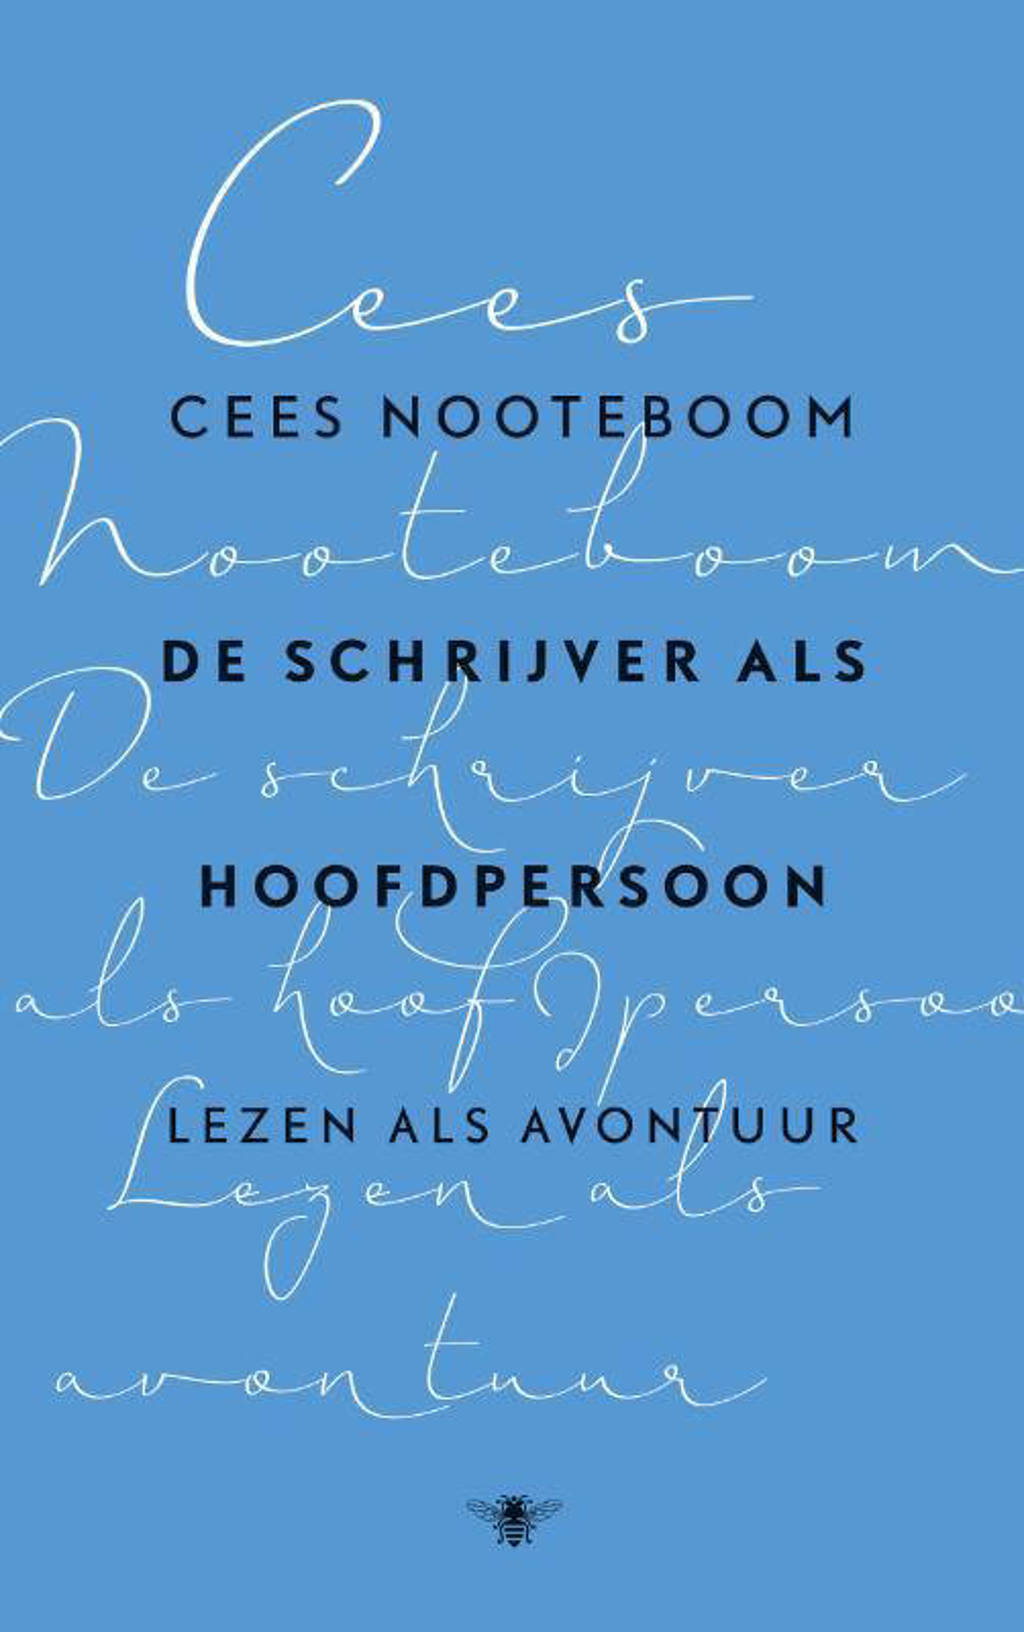 De schrijver als hoofdpersoon - Cees Nooteboom